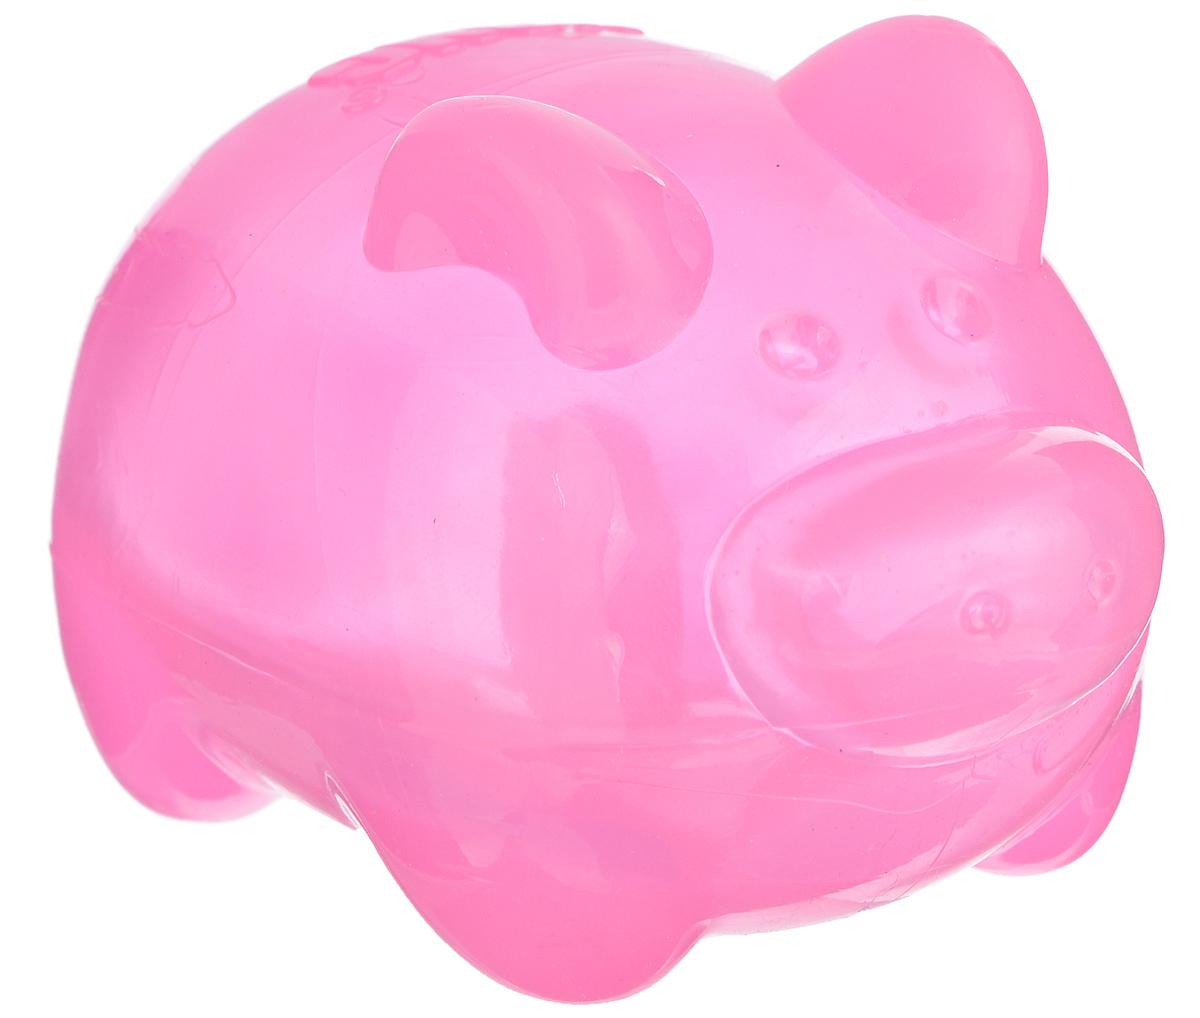 Игрушка для собак Kong Сквиз Джелс. Свинка, с пищалкой, цвет: розовый, 6 см х 6 см х 9,5 см0120710Игрушка Kong Сквиз Джелс. Свинка выполнена из качественной синтетической резины. Пищалка спрятана таким образом, чтобы собака не могла вынуть ее.Такая игрушка отлично отскакивает от земли.Изделие предназначено для собак крупных пород.Яркий дизайн привлечет внимание вашего любимца и займет его на долгое время.